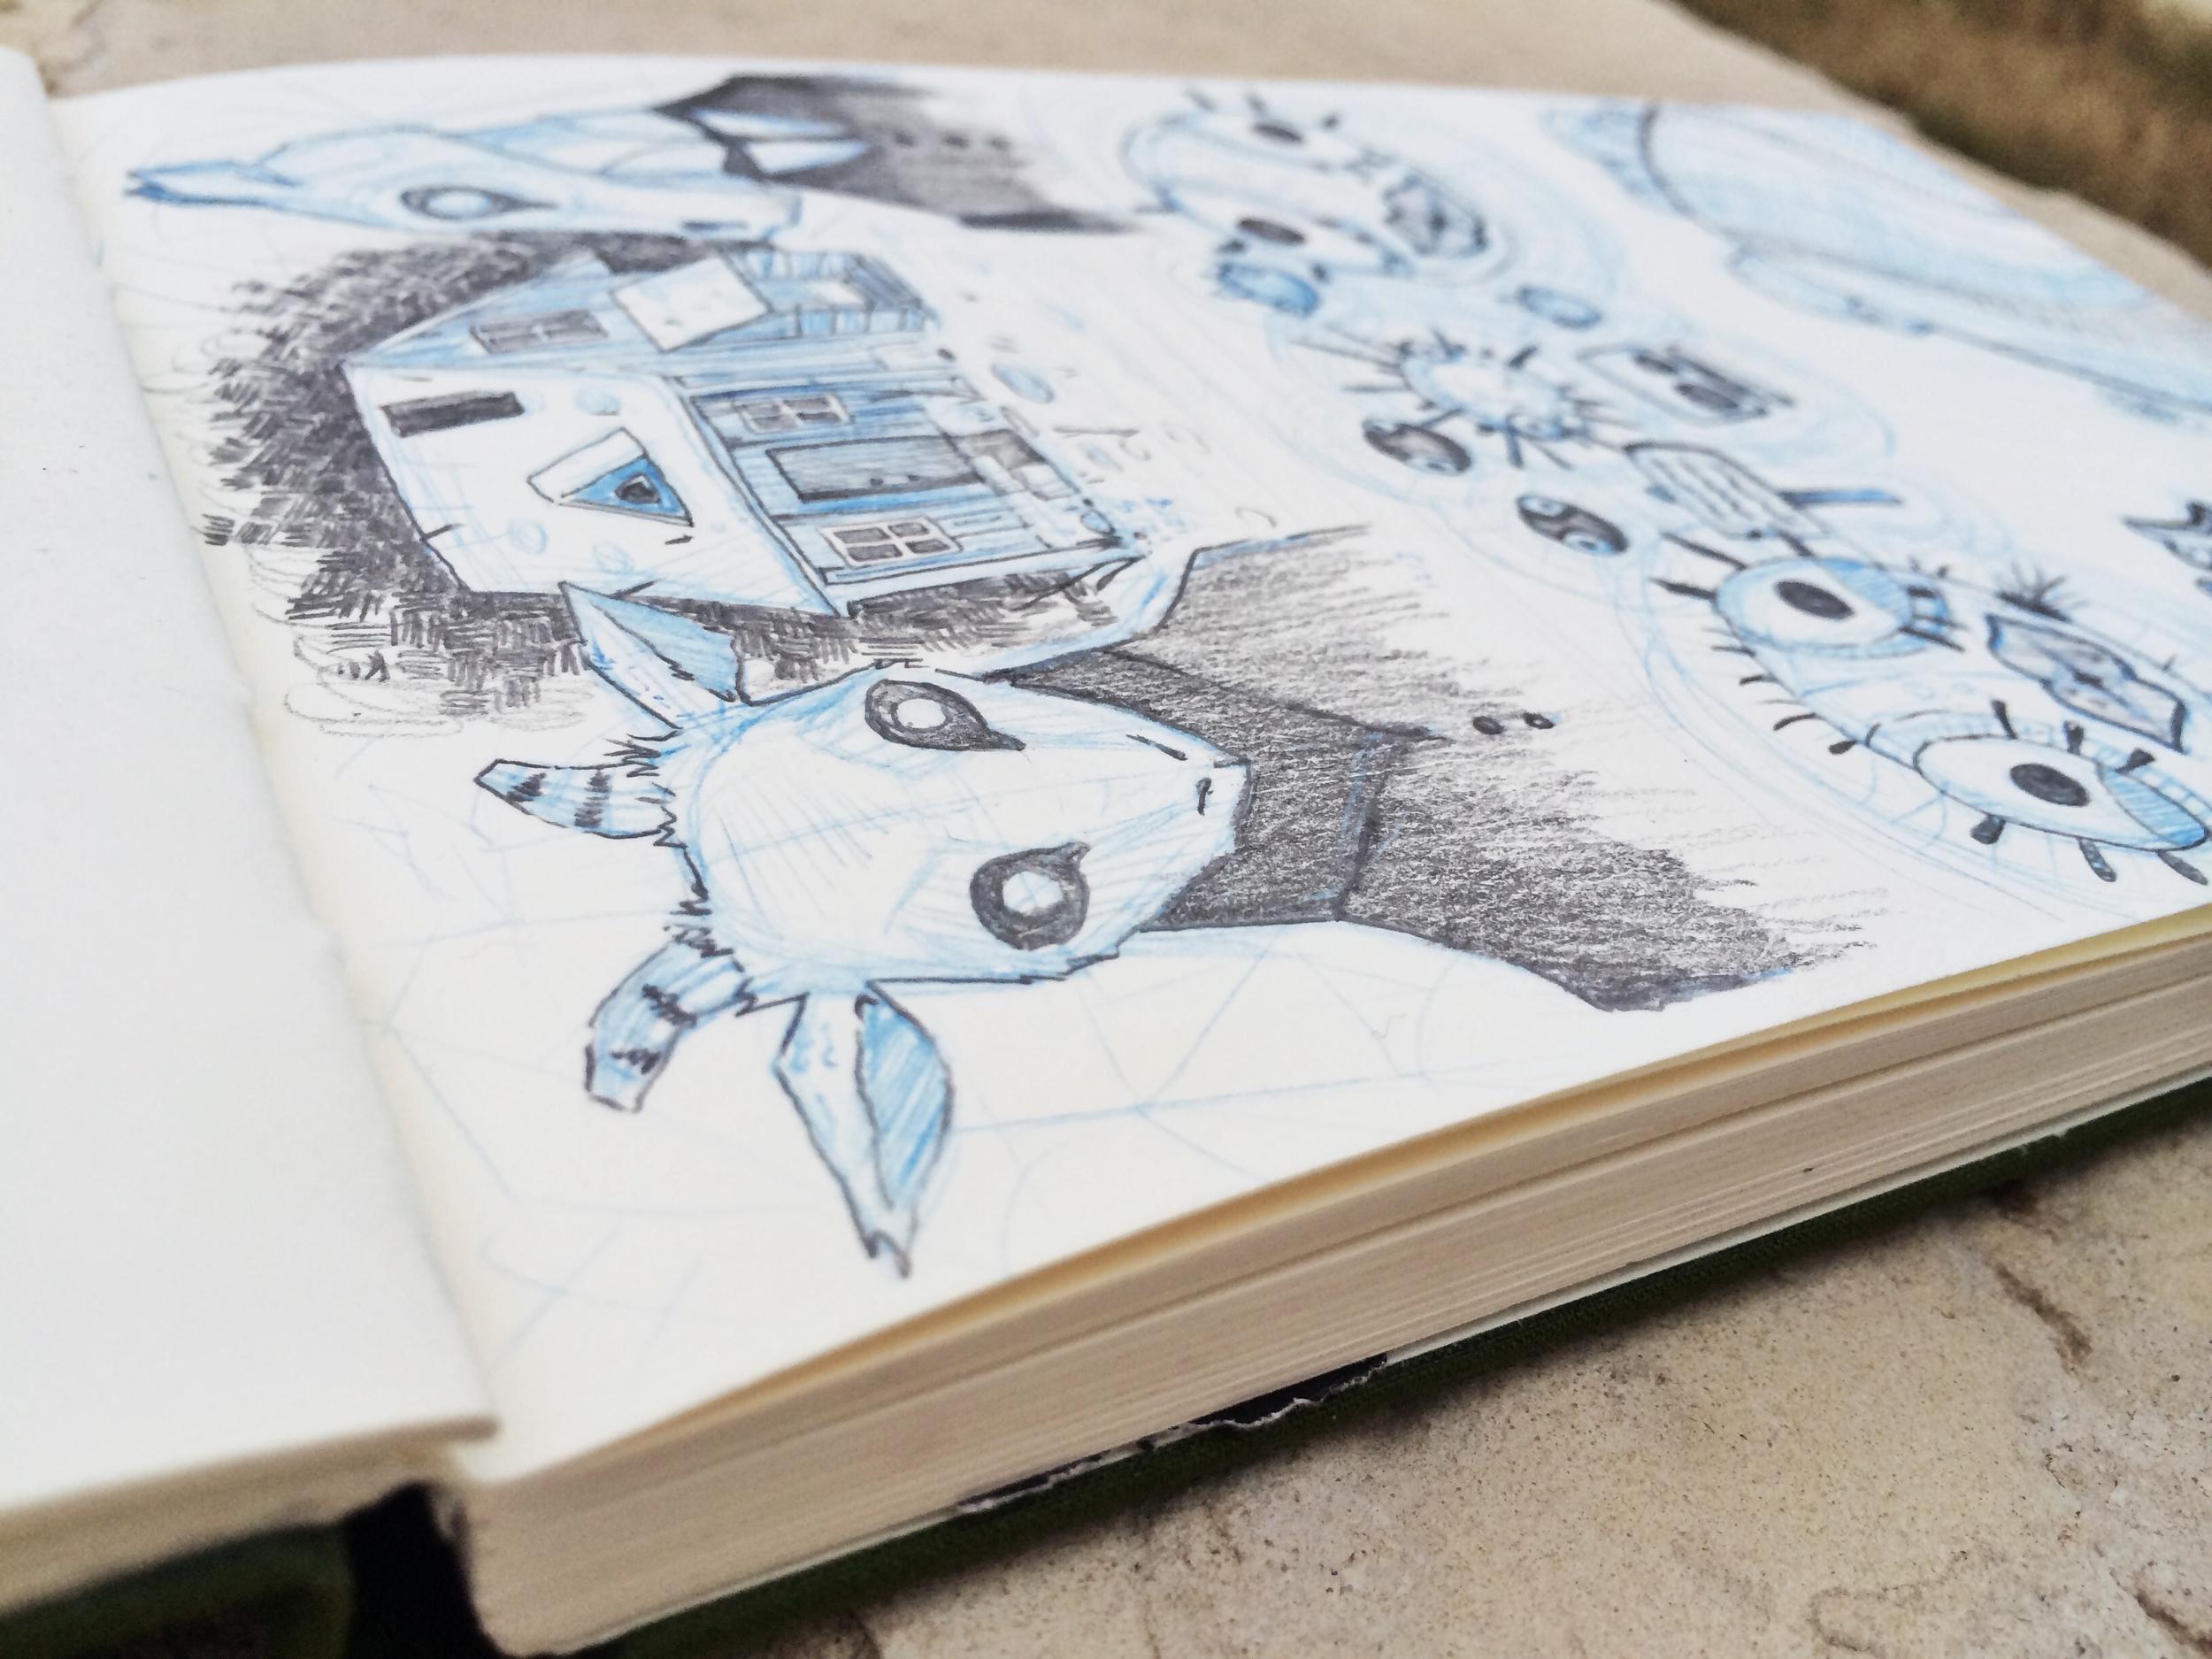 Sketch of Year Walk by Chloe Yingst | chloedraws.com